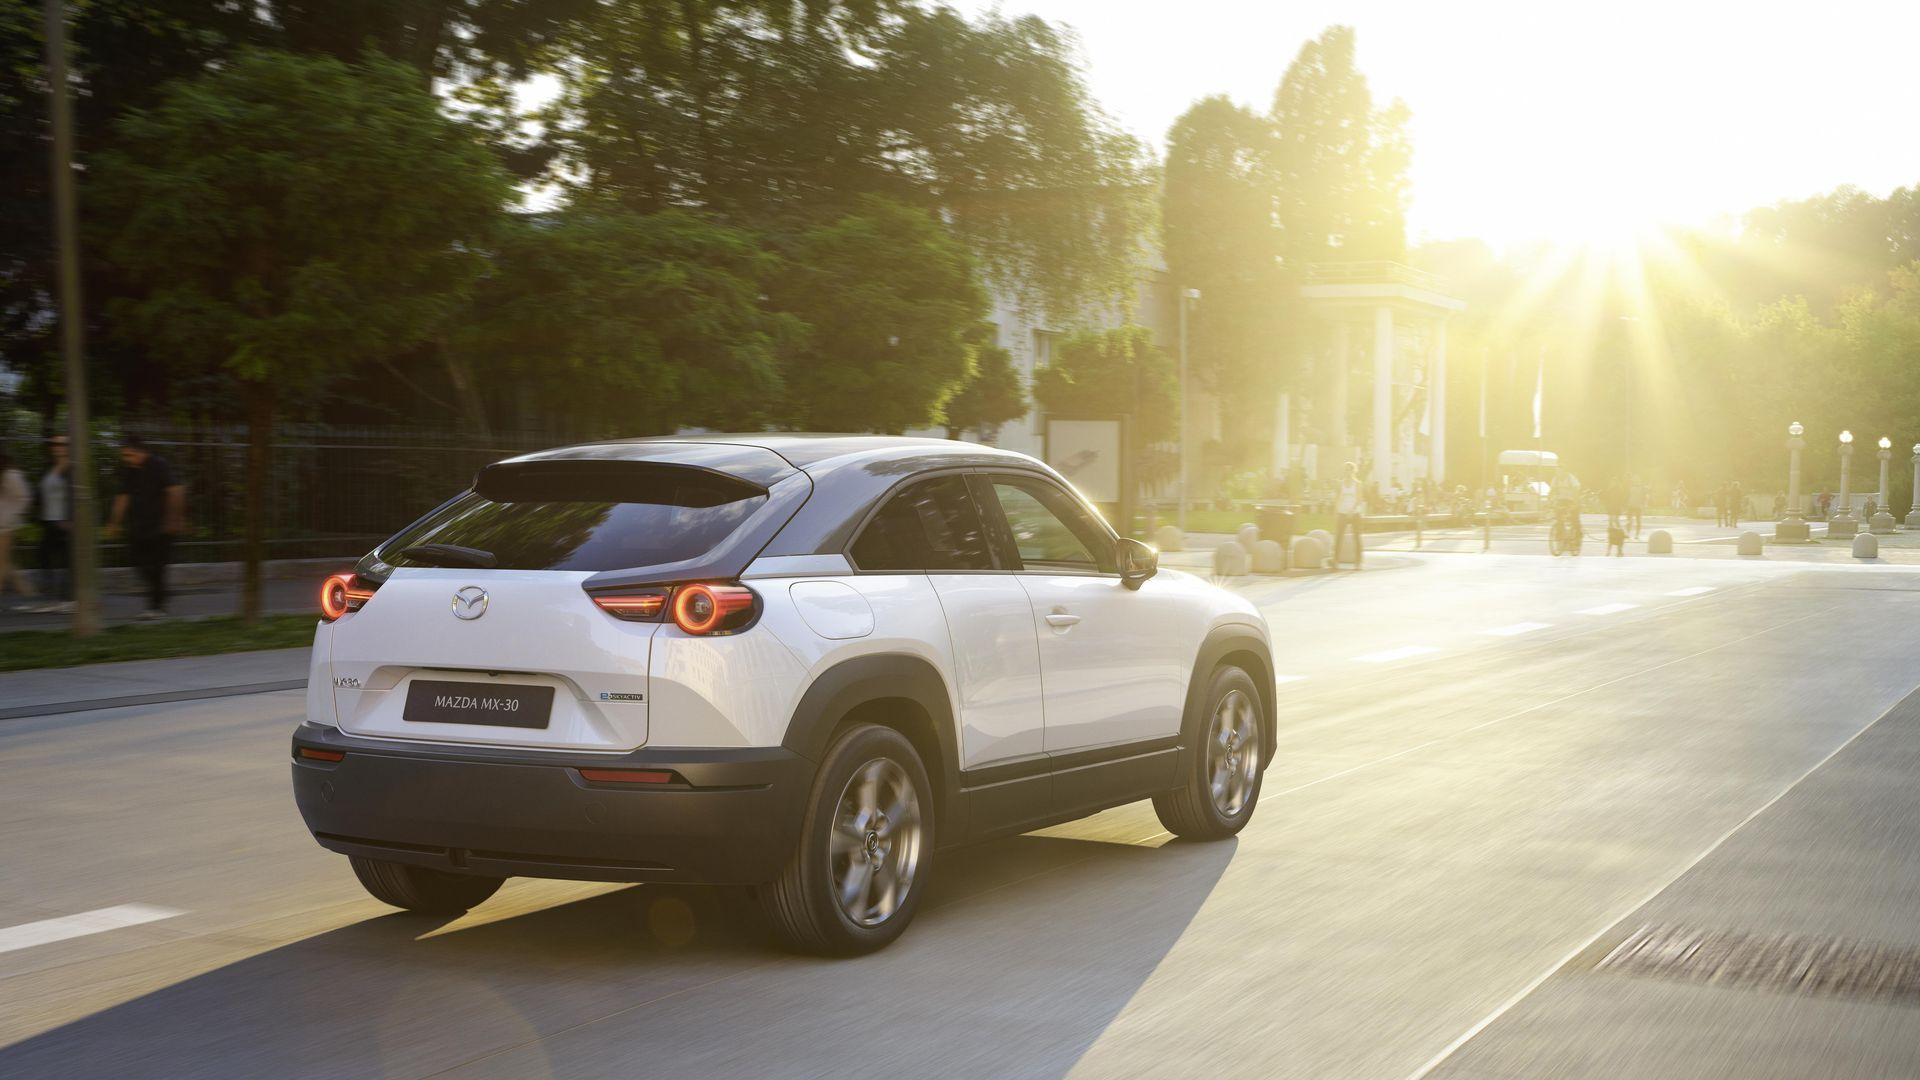 Σε άνοδο οι πωλήσεις της Mazda, παρά τα lockdown